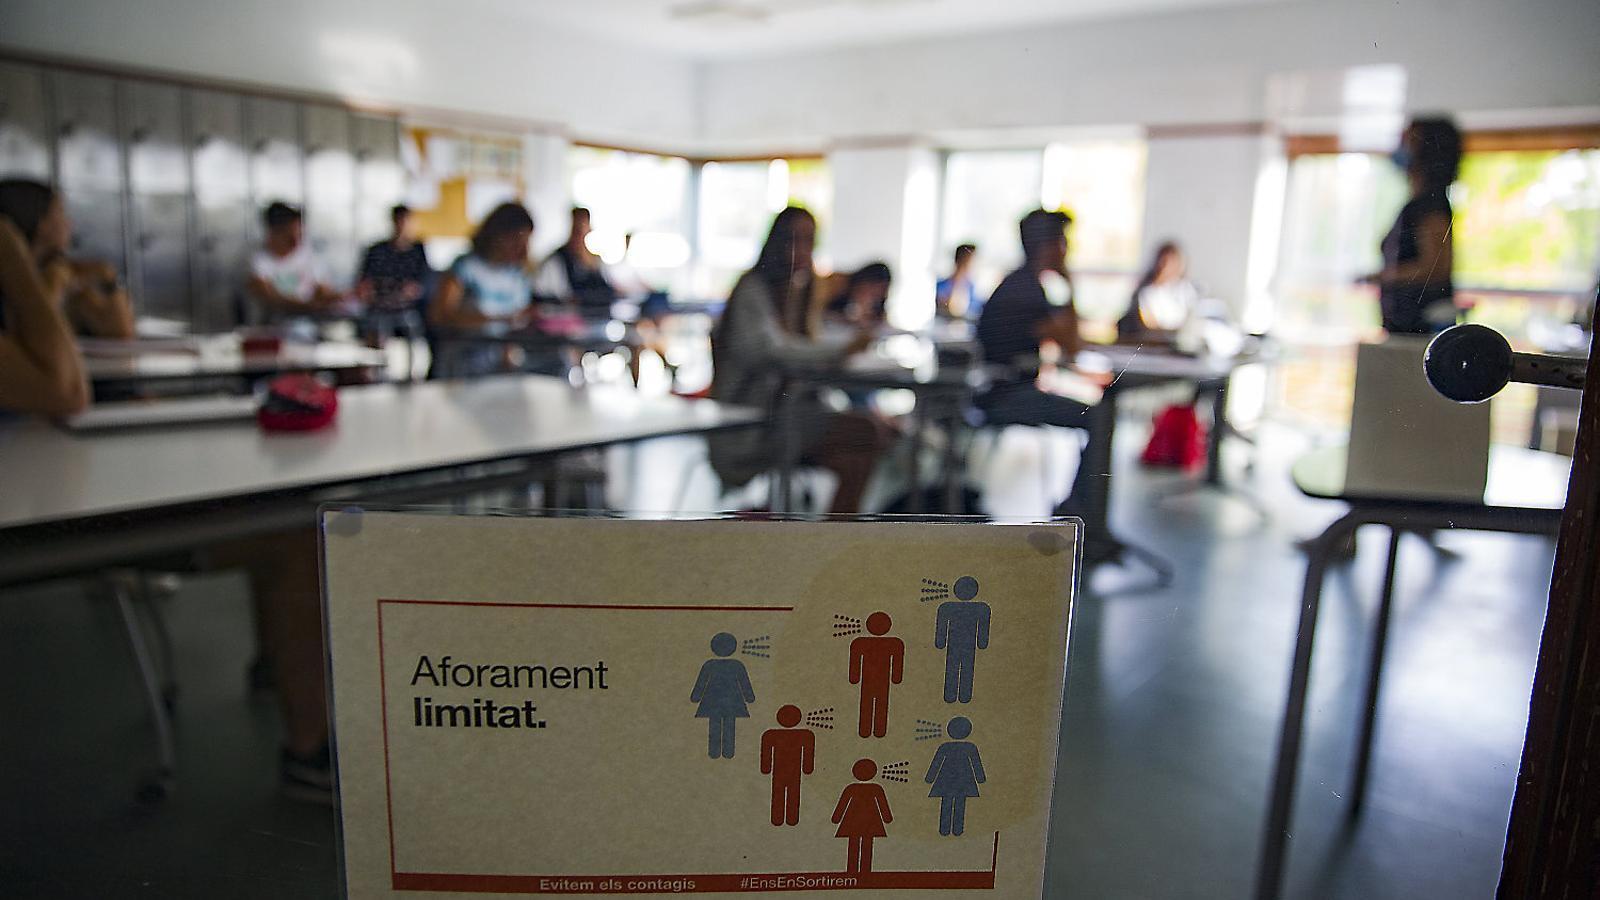 Alumnes de l'Escola Garbí a Esplugues de Llobregat fent classe amb les restriccions de distància durant la pandèmia.